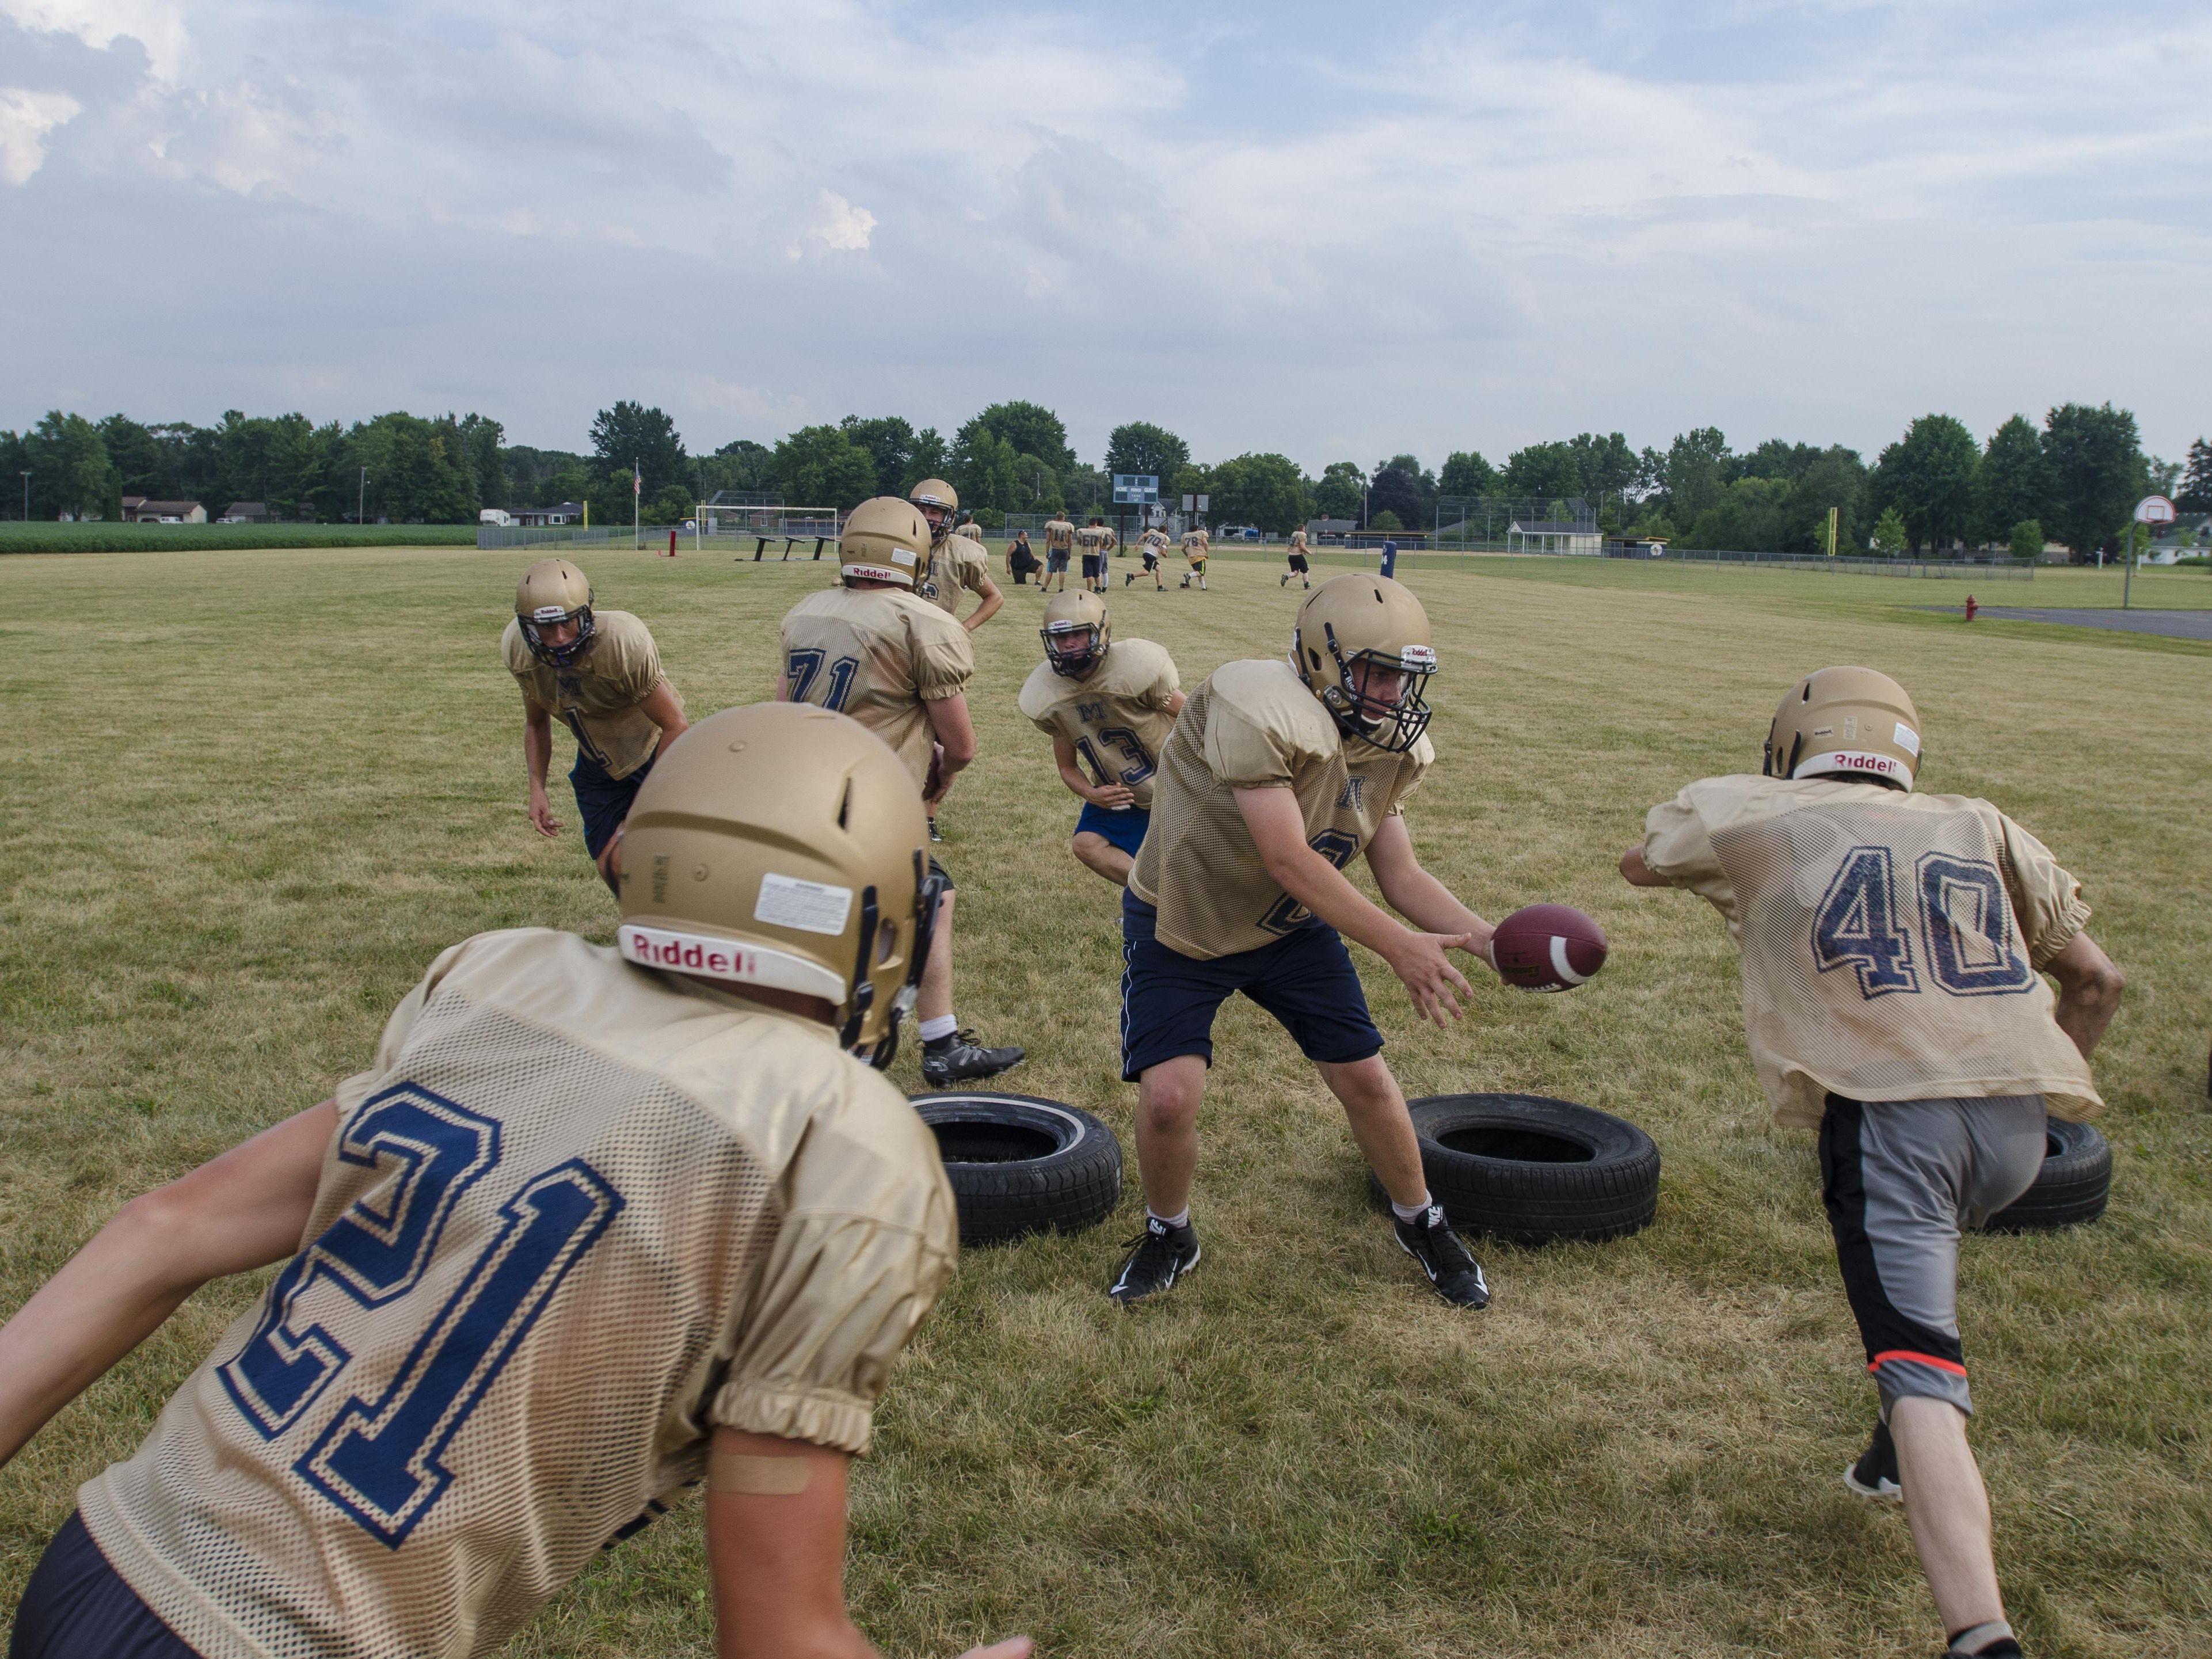 The offense runs through a play Thursday, Aug 11, during practice at Memphis High School.